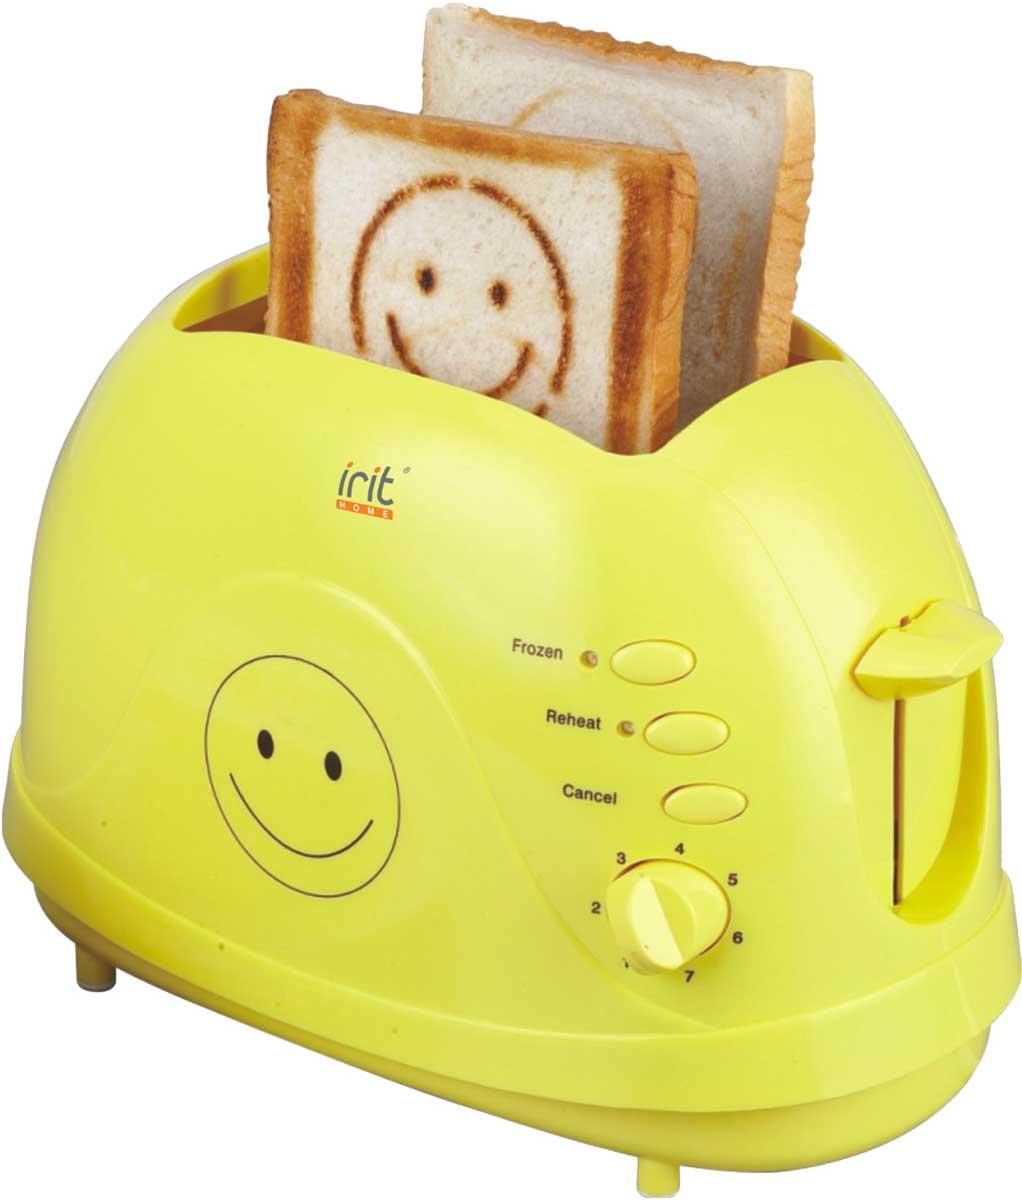 Irit IR-5103 тостер79 01288Компактный тостер Irit IR-5103 позволит вам приготовить хрустящие и ароматные тосты на завтрак. Выполнен из высококачественных материалов. 7 режимов позволяют регулируют степень поджаривания хлеба по вашему вкусу. Кнопка отмена поможет вовремя исправить сделанную спросонья ошибку. Ухаживать за тостером легко и приятно благодаря наличию поддона для крошек.